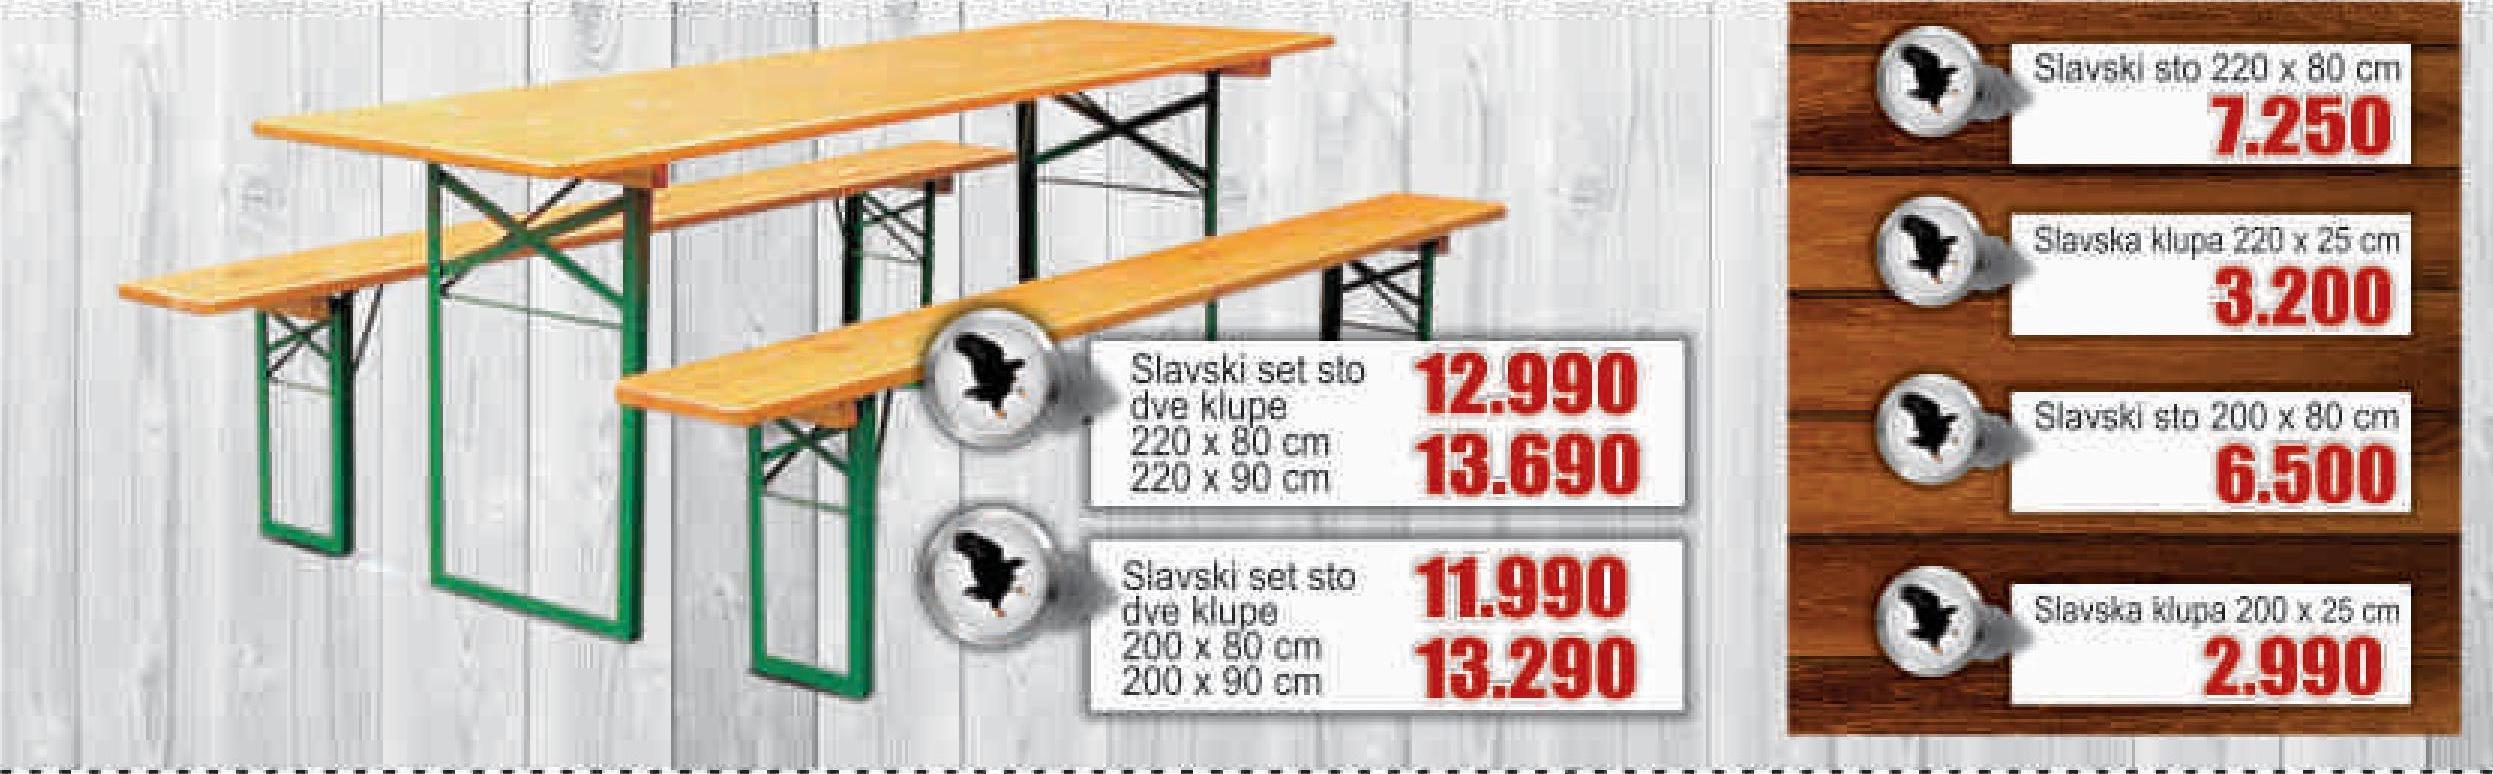 Slavski set